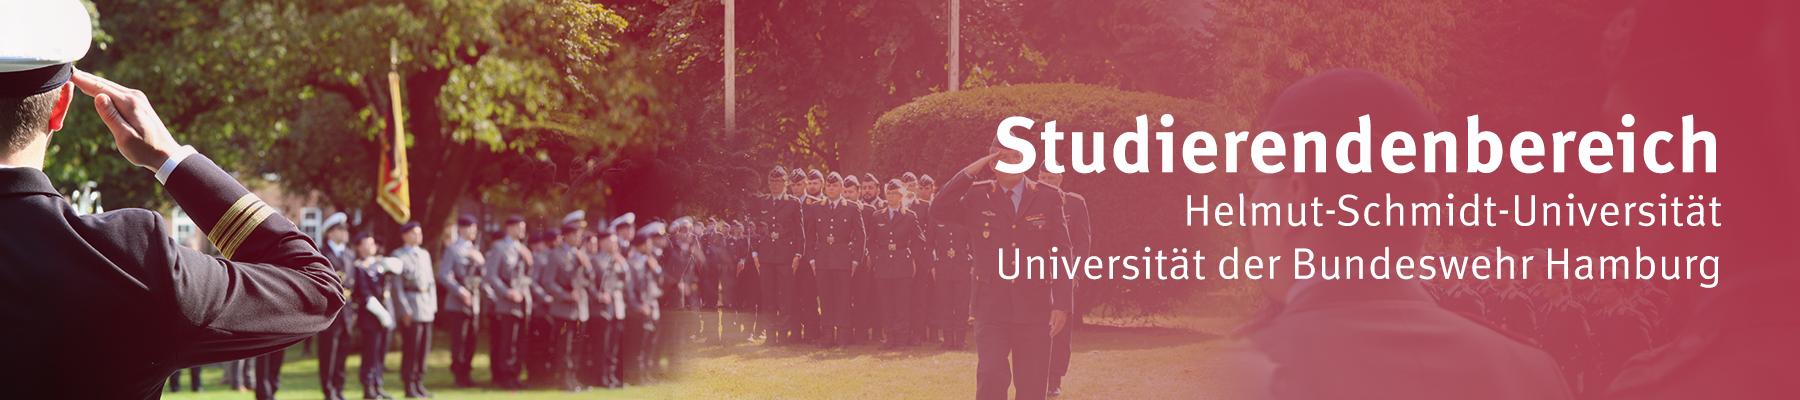 Studierendenbereich Helmut-Schmidt-Universität / Universität der Bundeswehr Hamburg